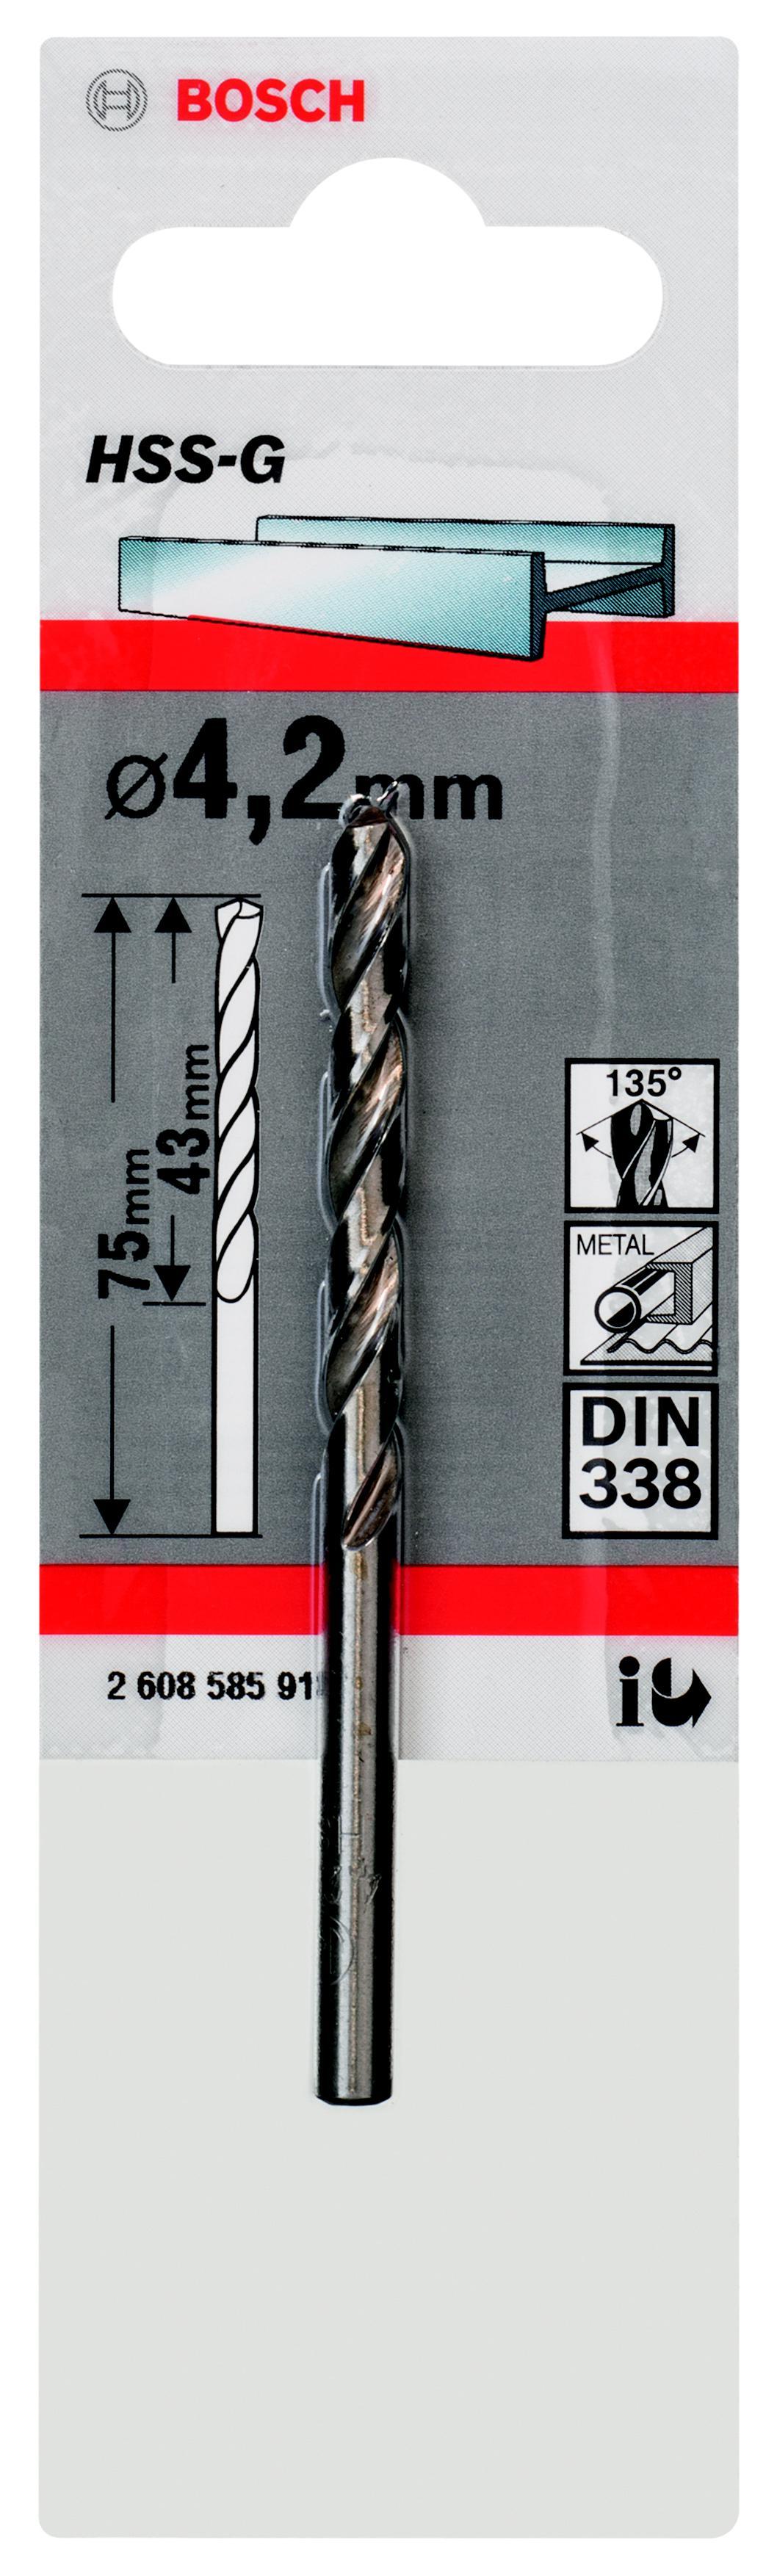 Купить Сверло Bosch 1 hss-g (2.608.585.918)